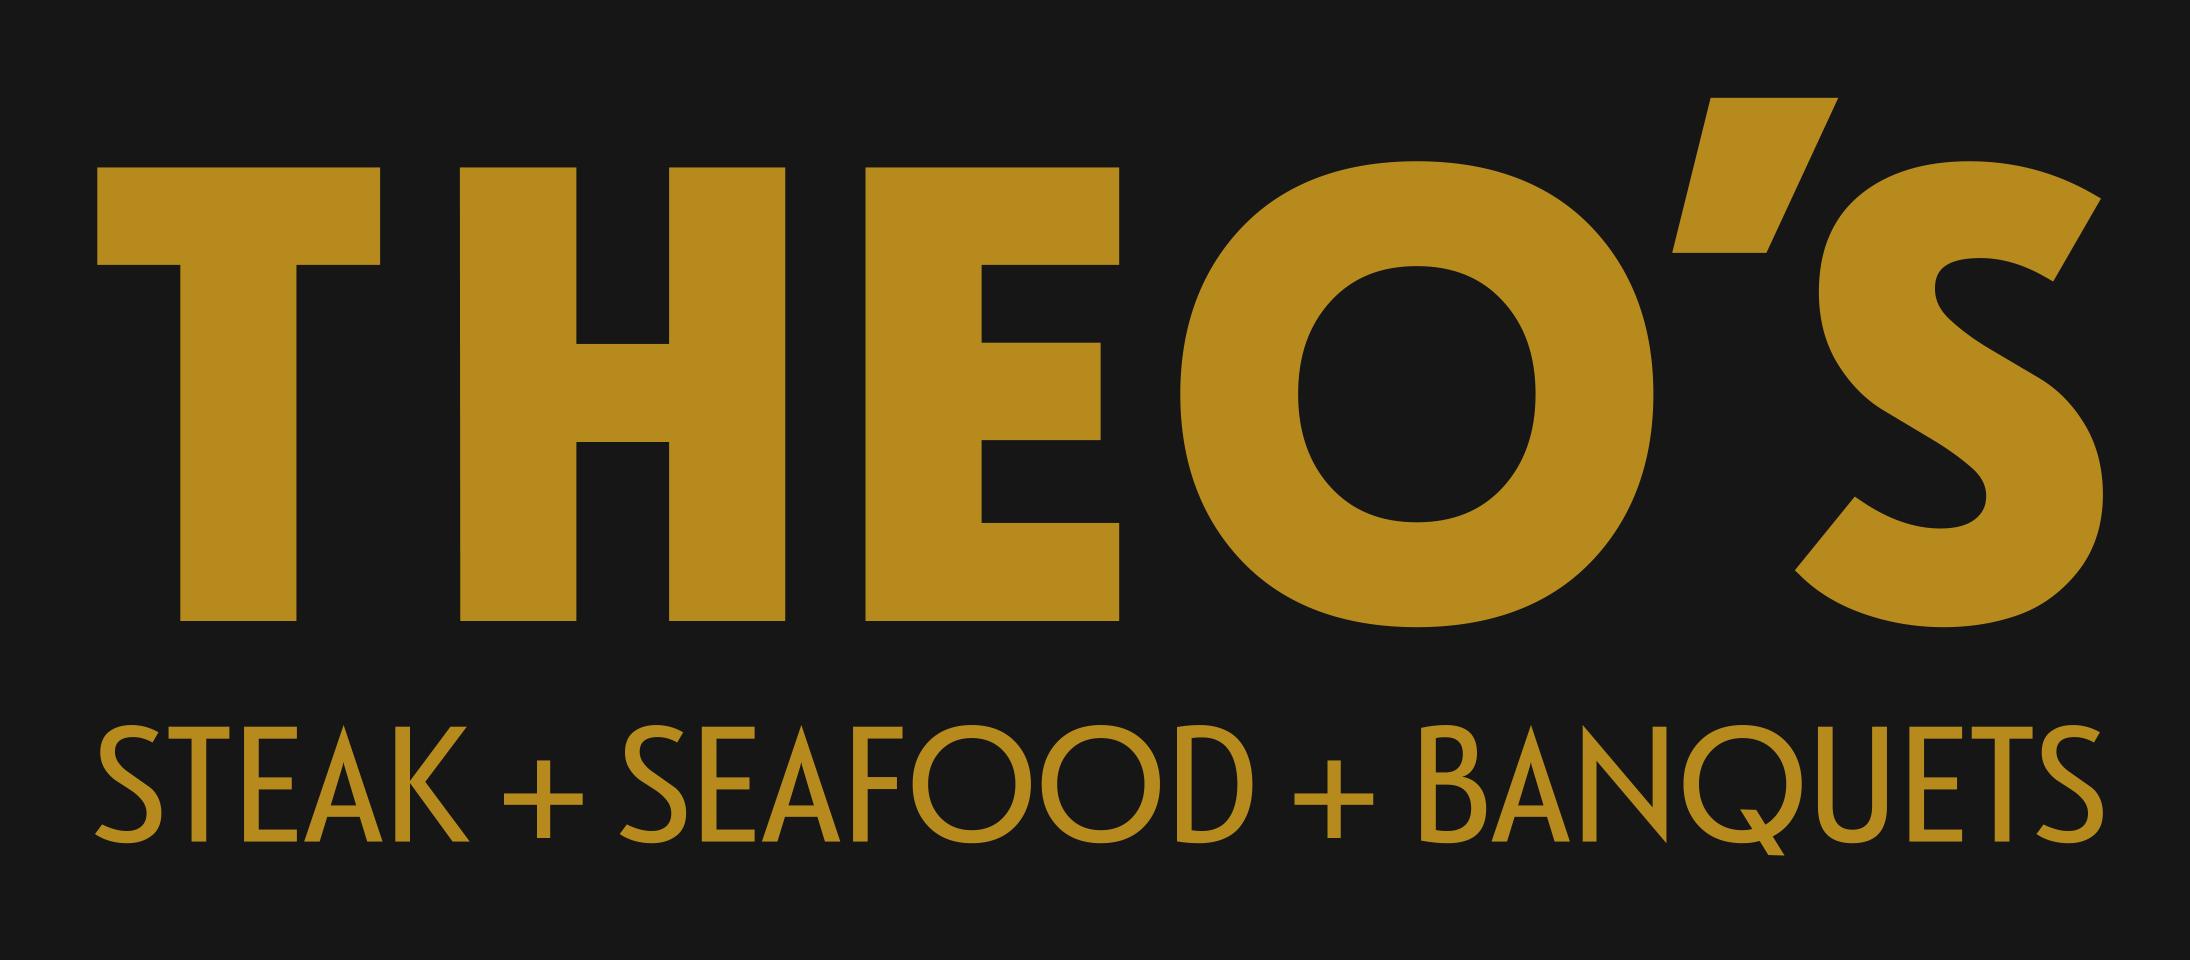 Theos_2020_Logos-3